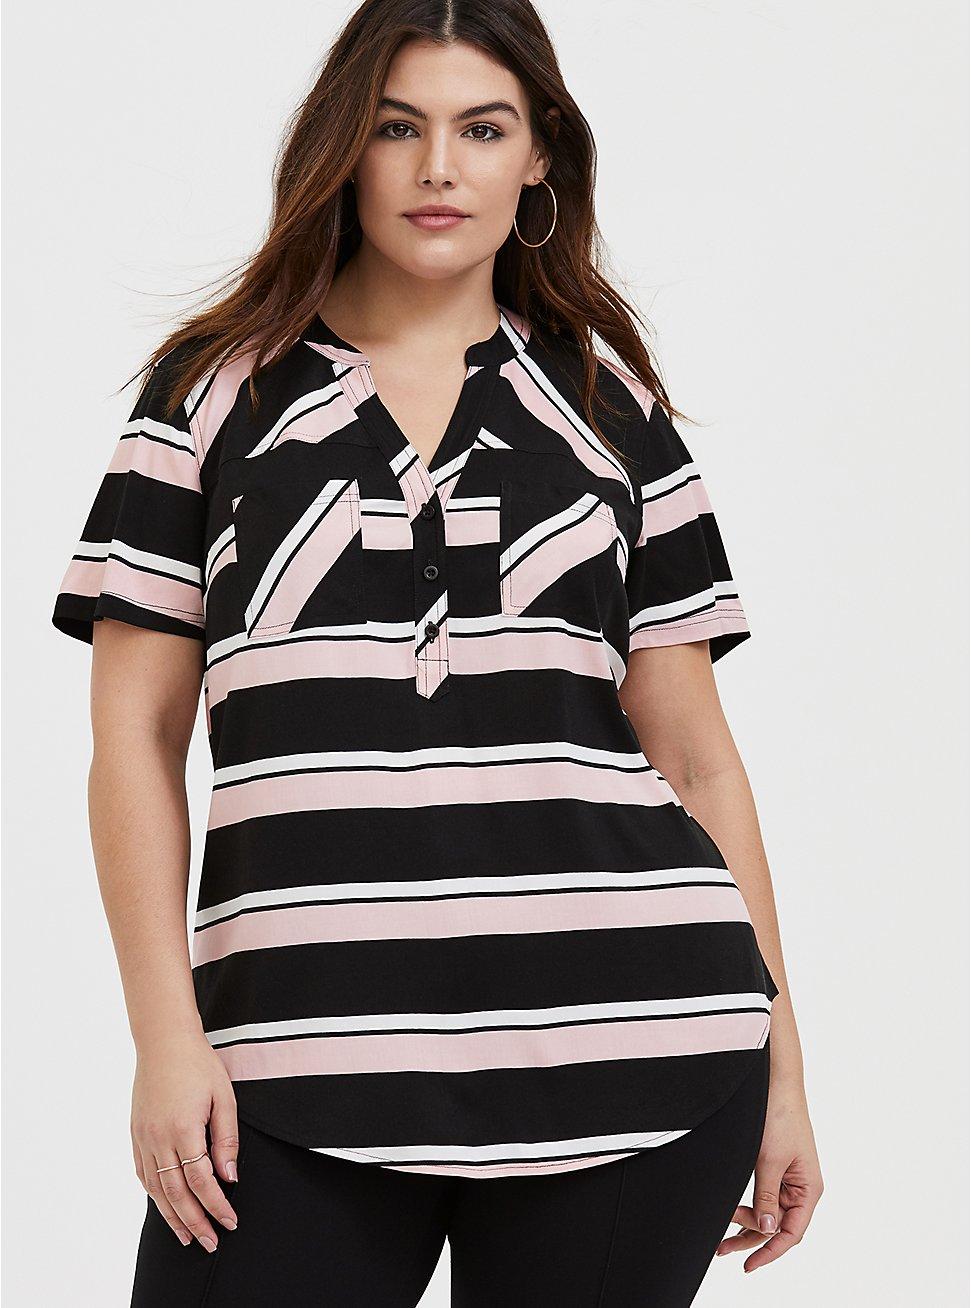 Harper - Pink & Black Stripe Stretch Challis Pullover Blouse , STRIPES, hi-res